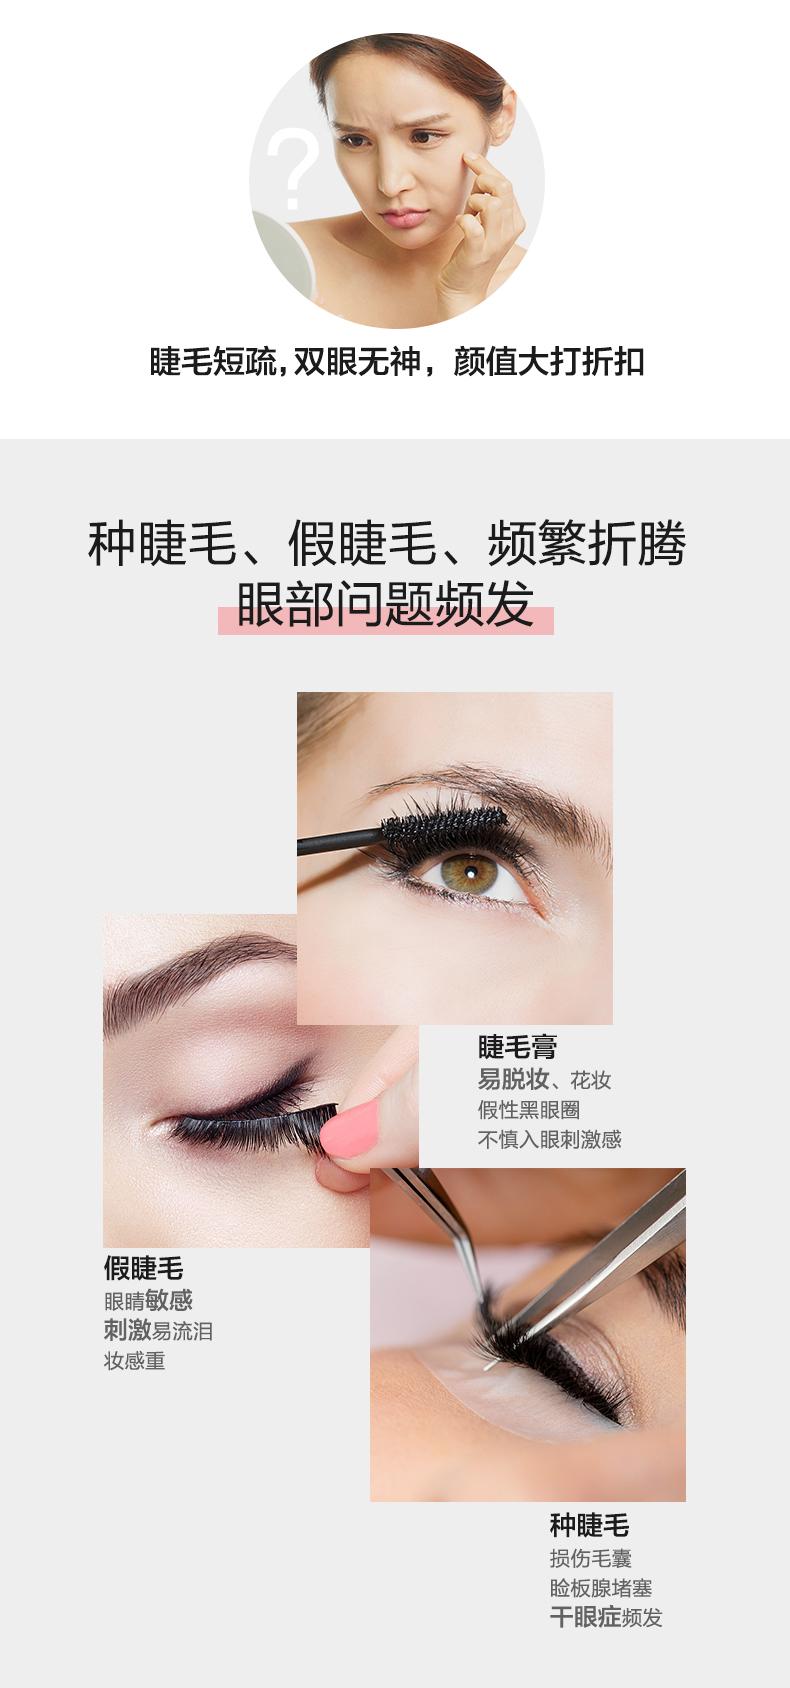 丰添睫毛眉毛滋养修护纤长精华液生长增长自然浓密眼睫毛正品详细照片